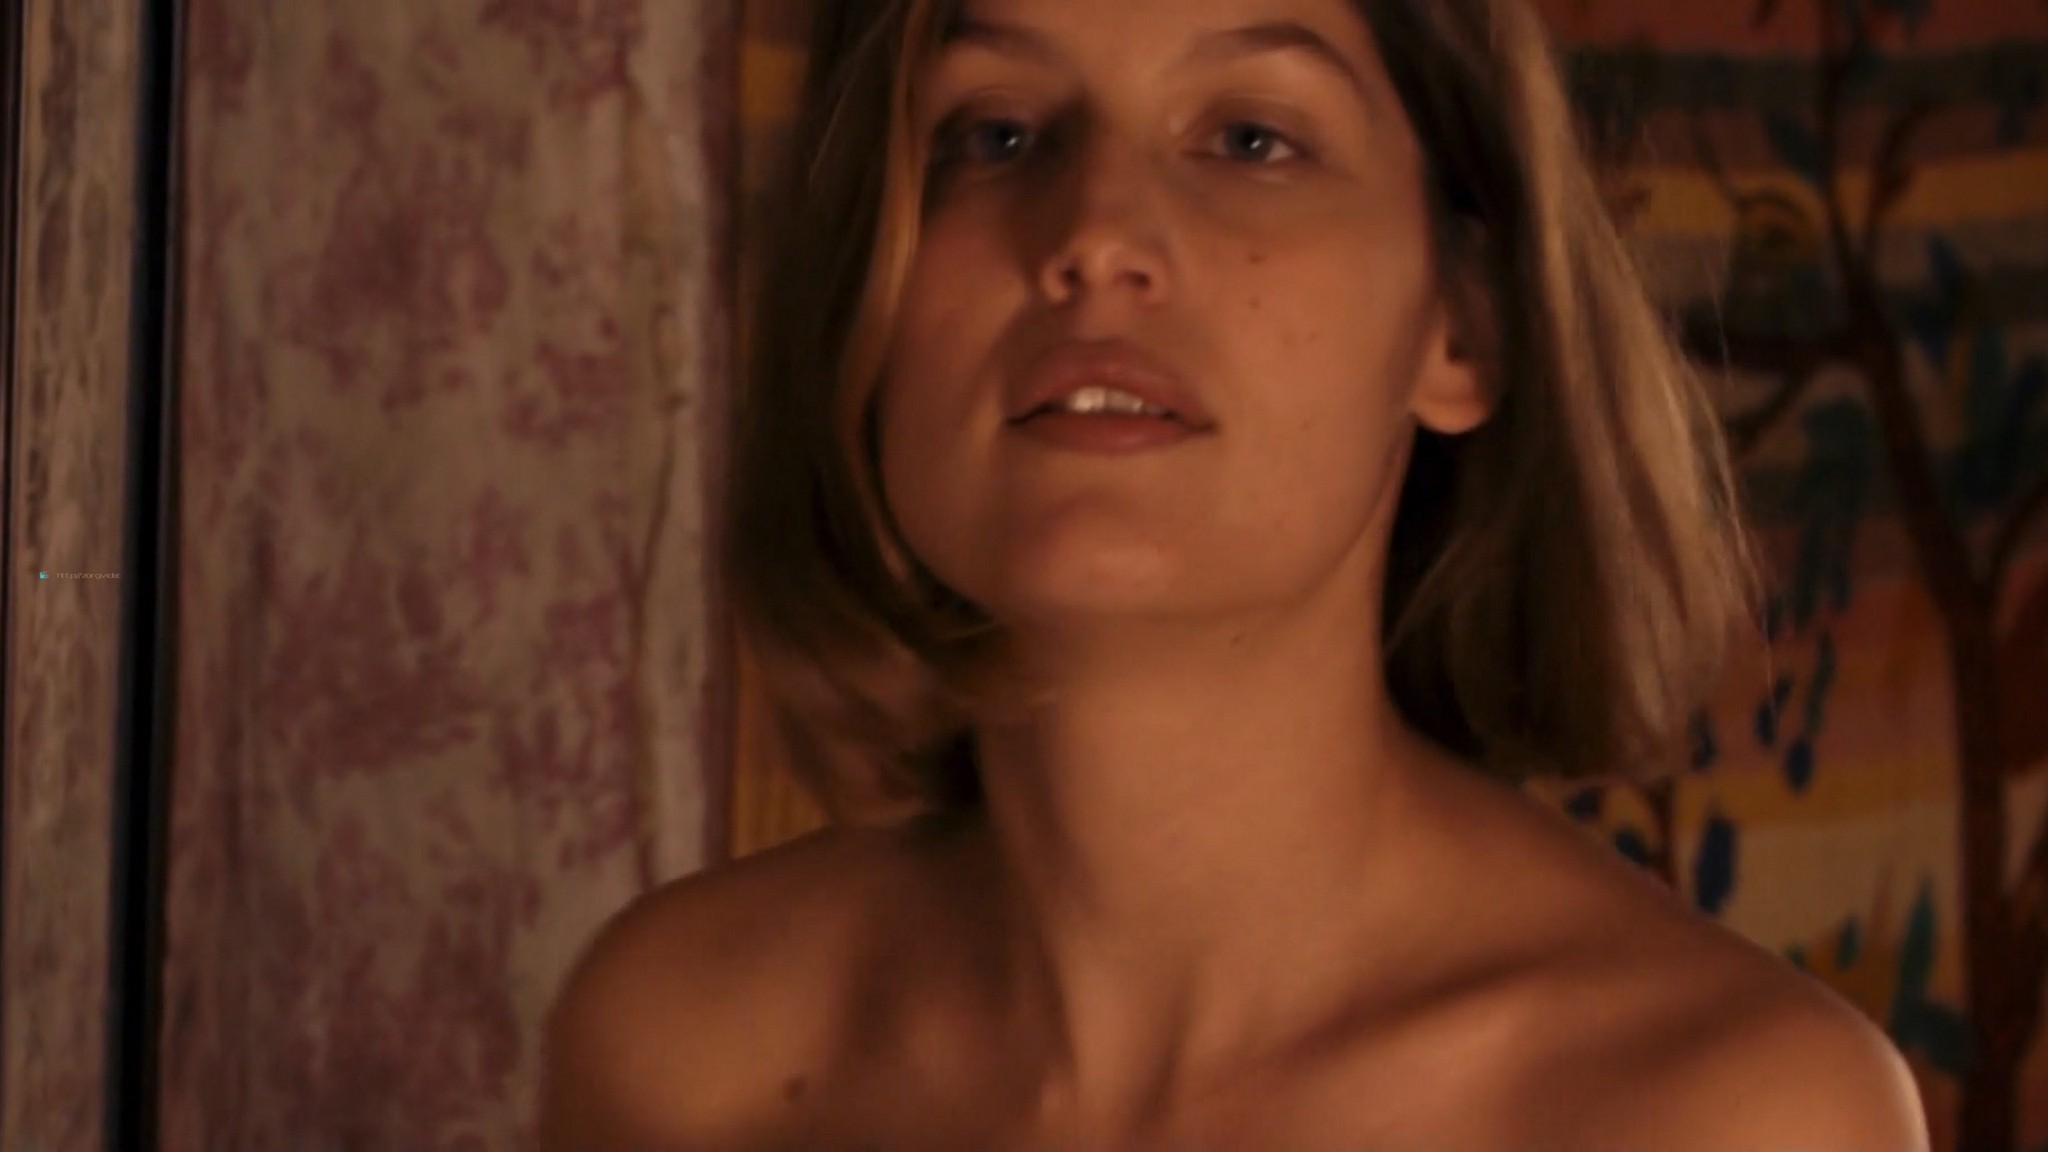 Laetitia Casta nude butt naked topless and hot sex - Nés en 68 (2008) HD 1080p (12)